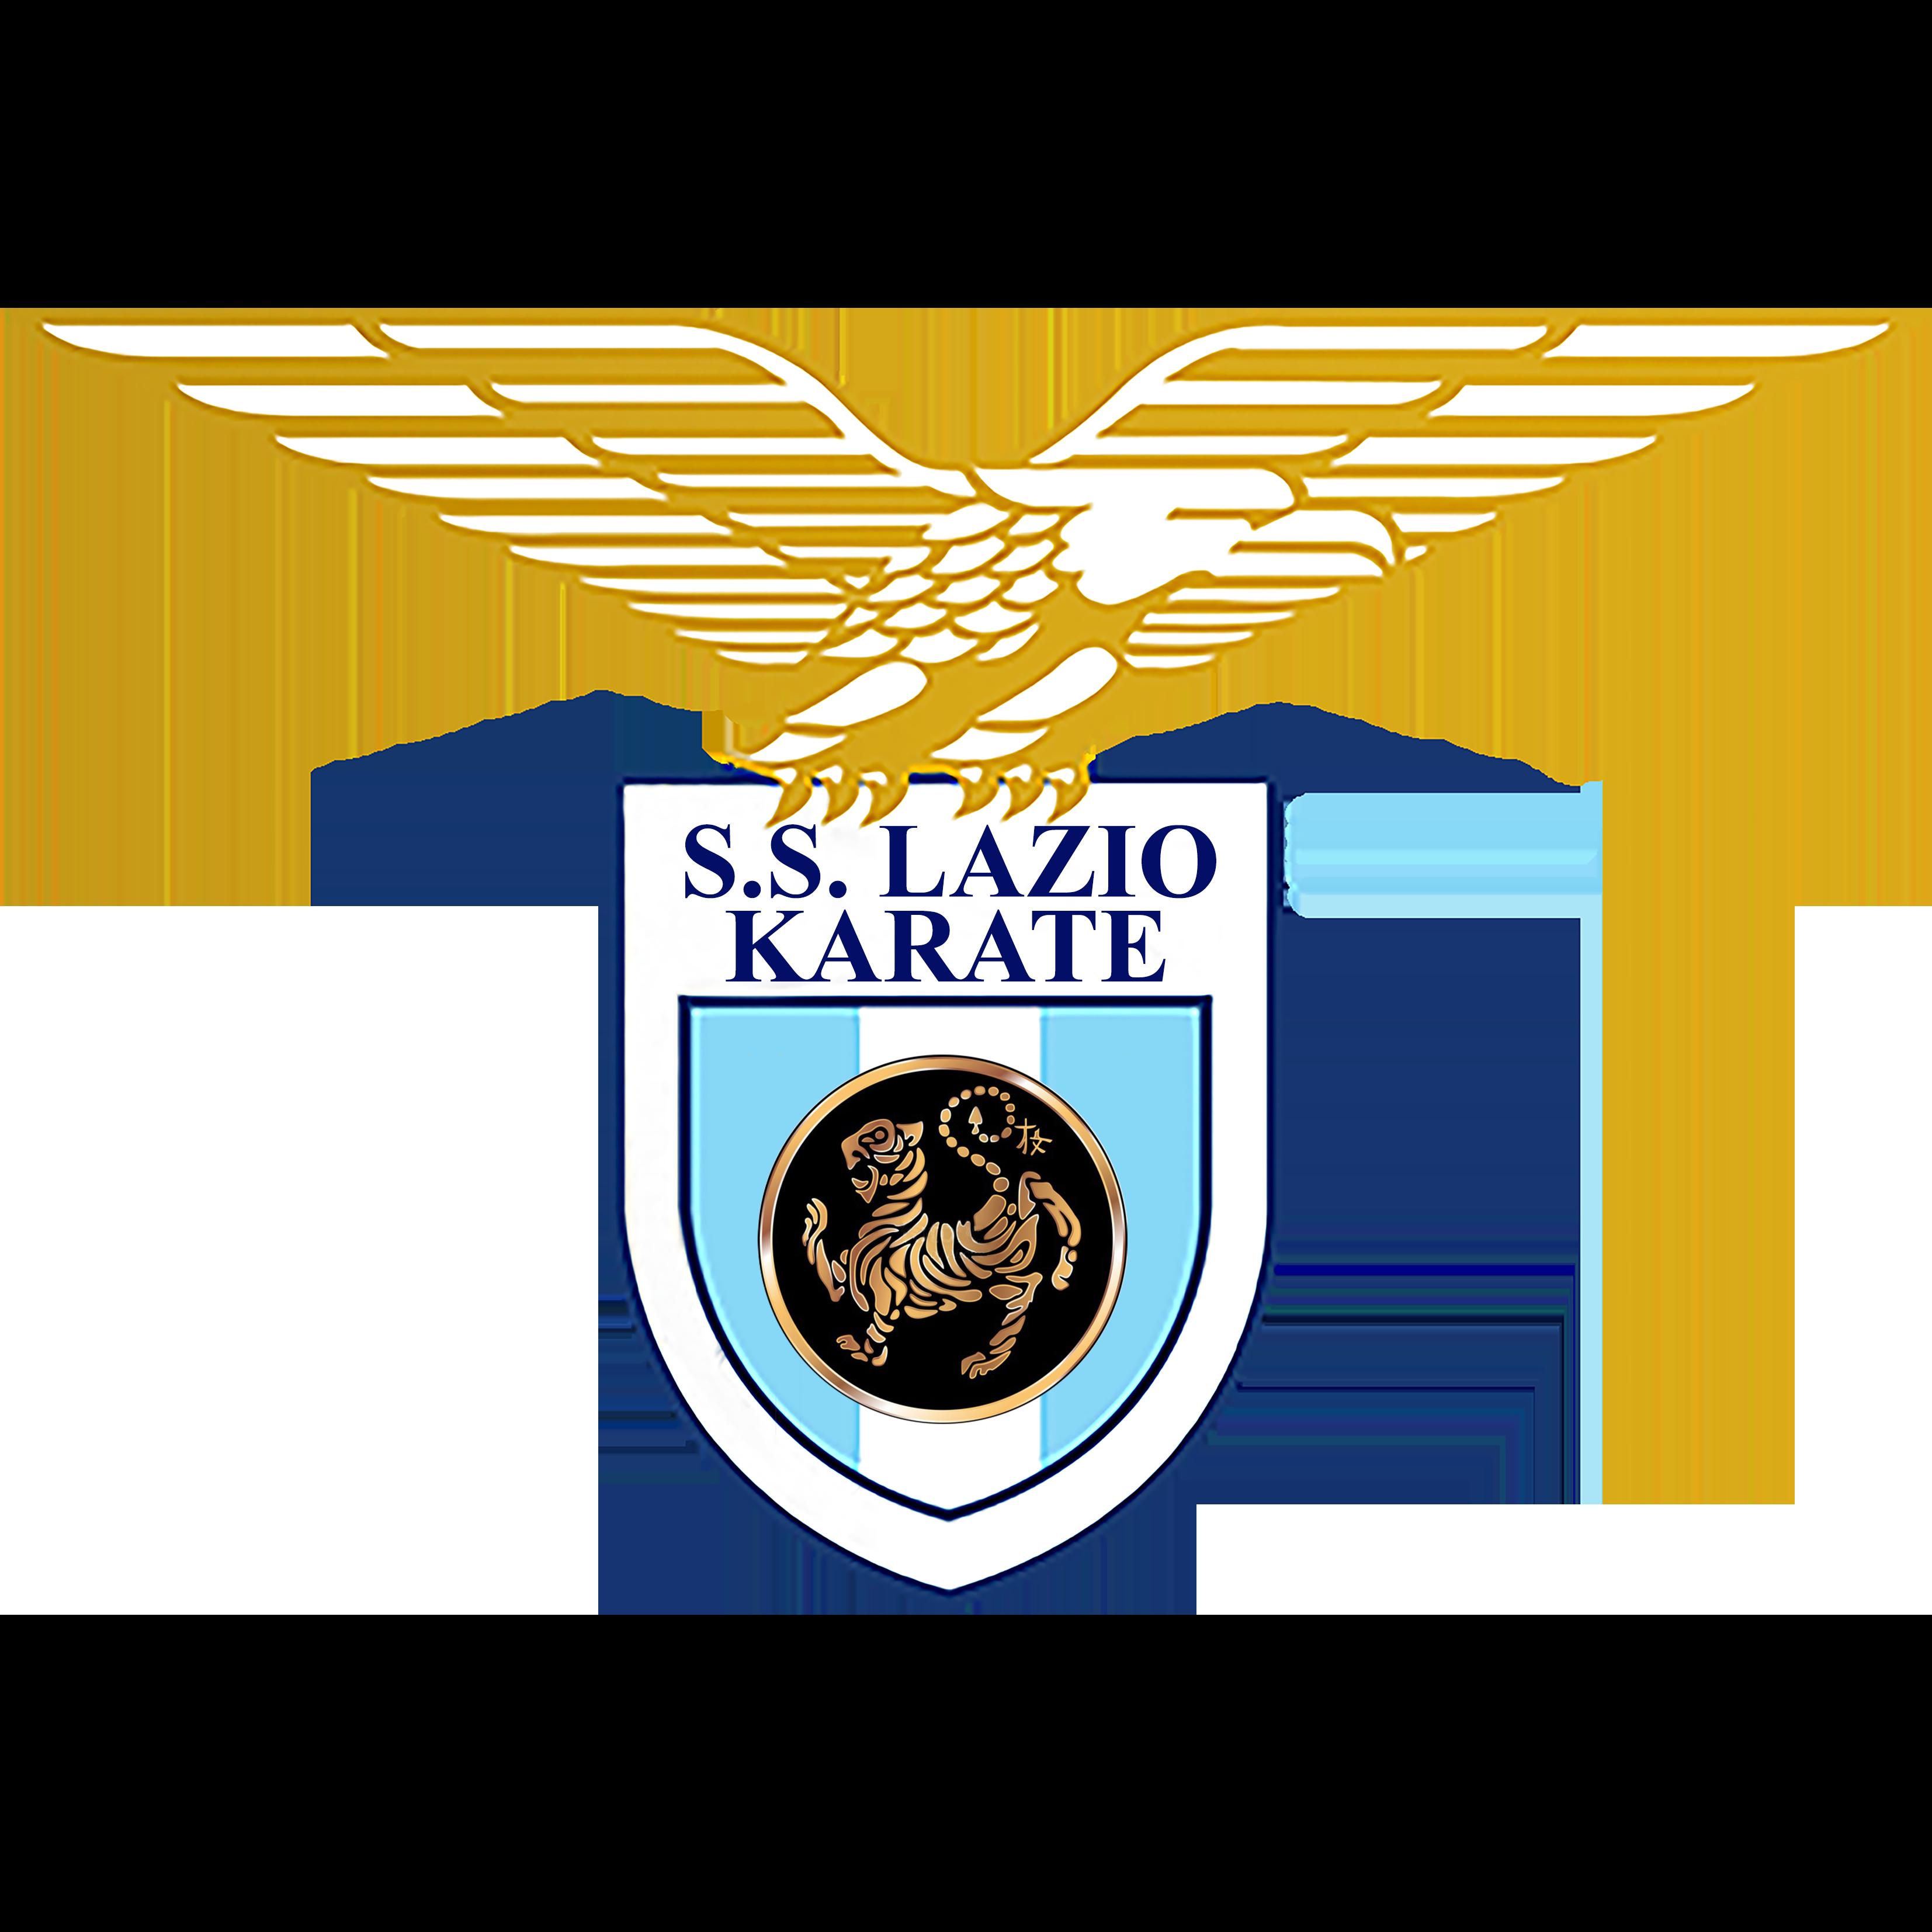 s.s. lazio karate (nuovo 600 dpi)